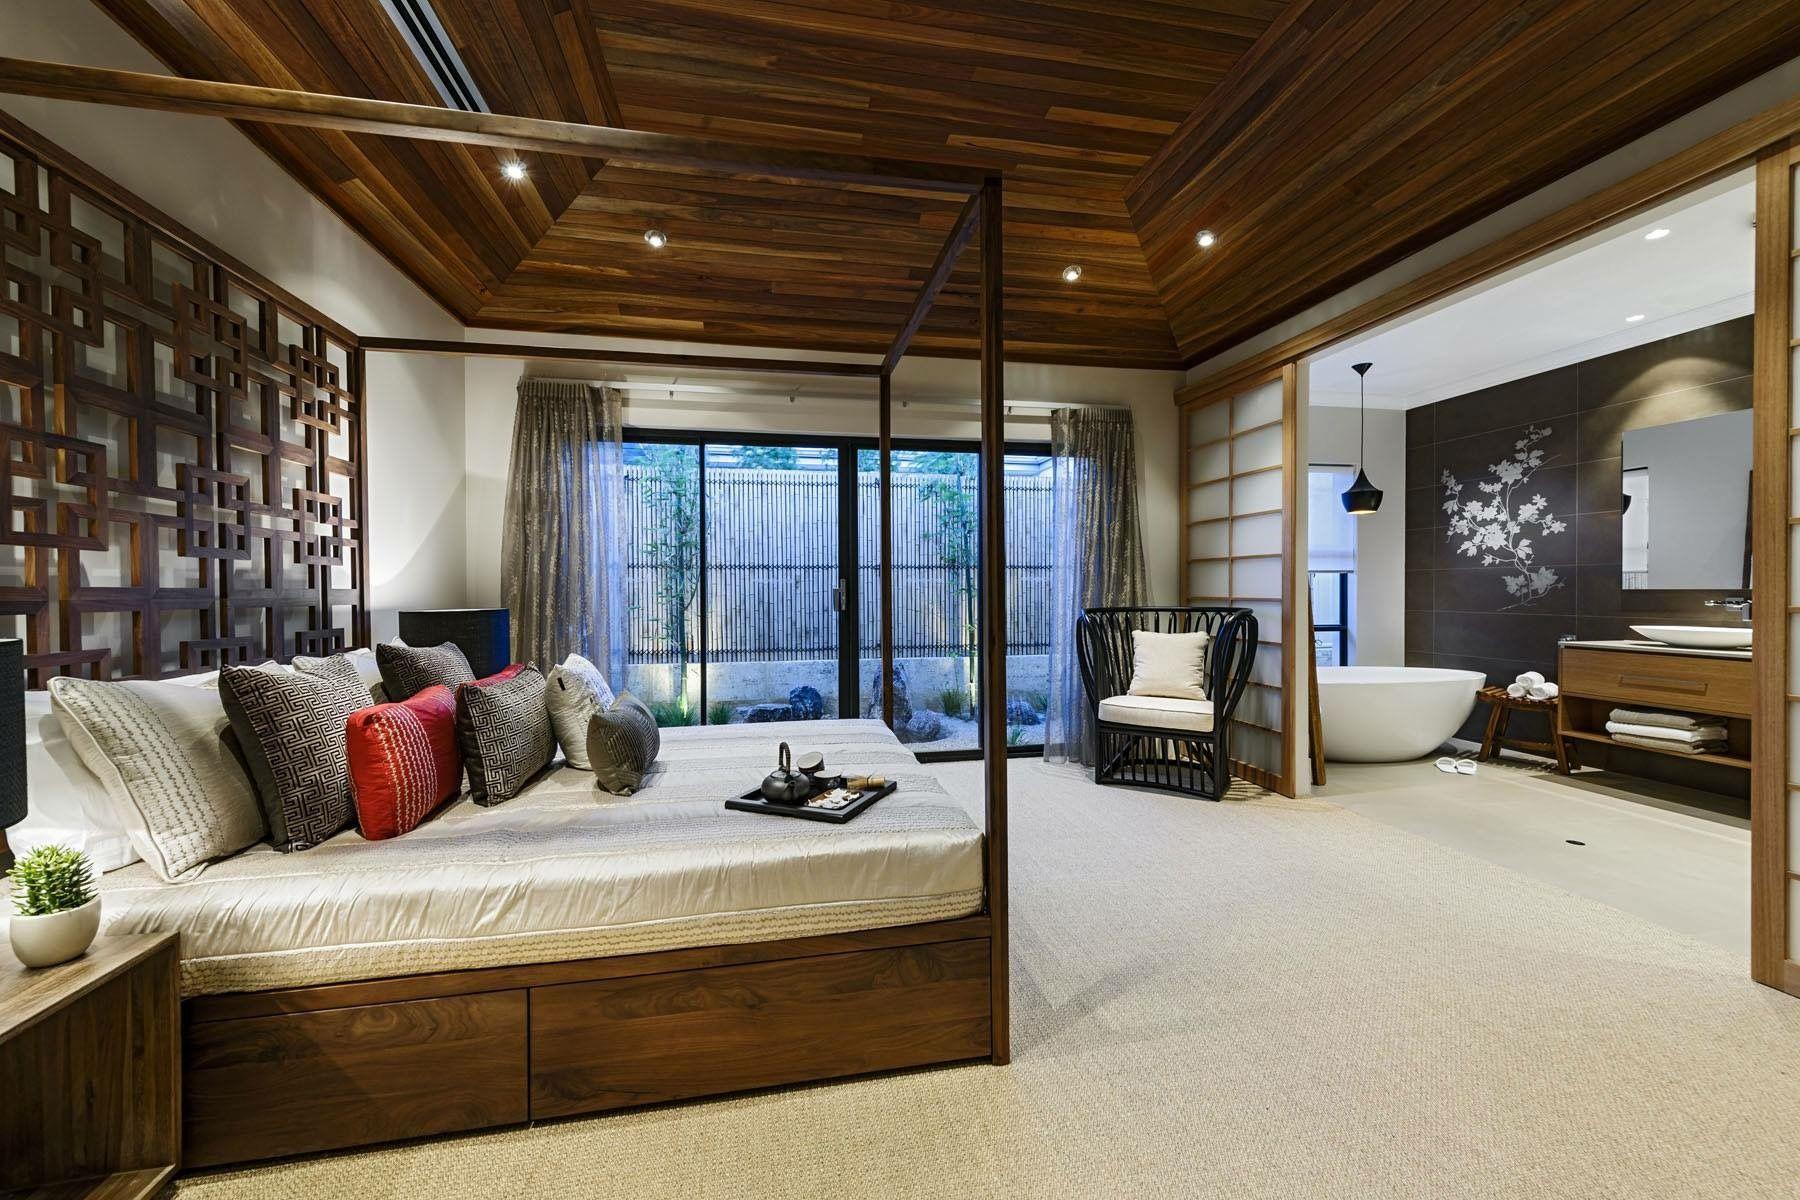 Innenarchitektur von schlafzimmermöbeln inspirierende schlafzimmer von den besten innenarchitekten in